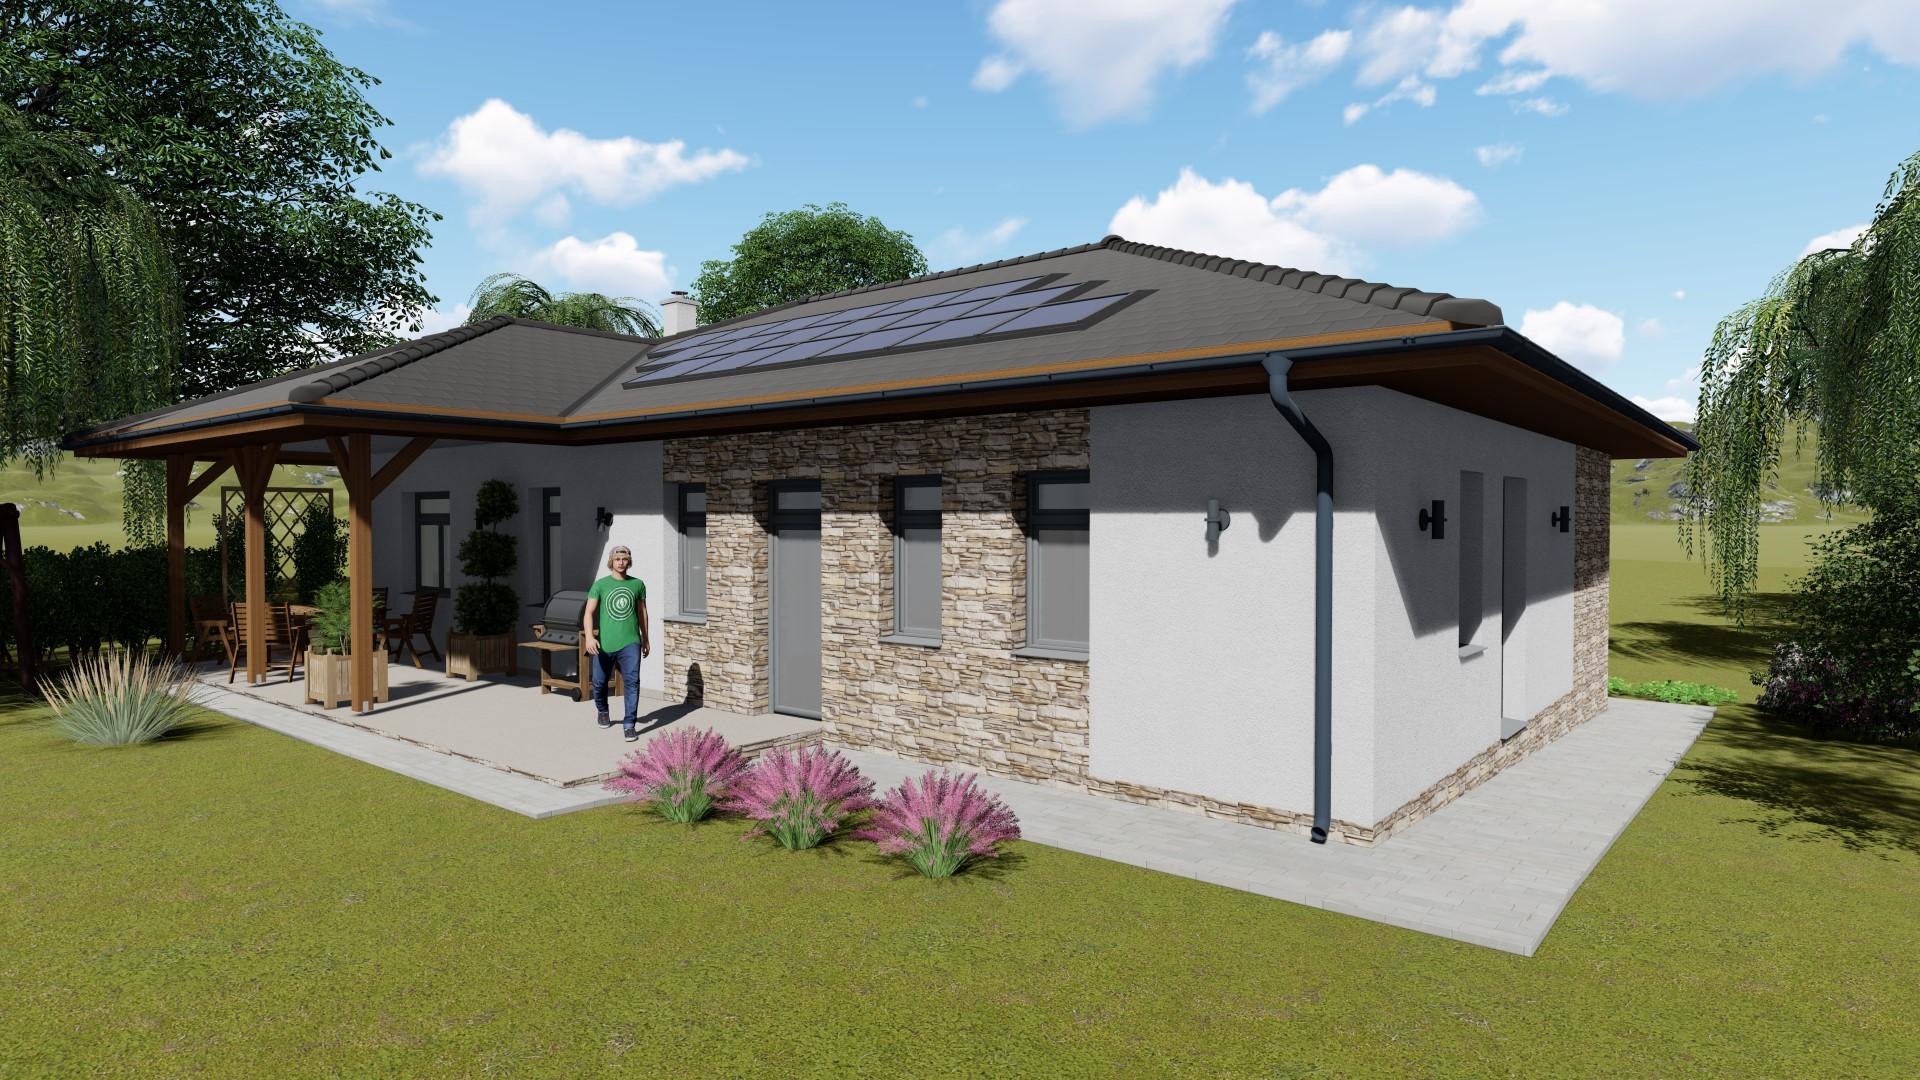 pénzt keresni egy ház építéséhez